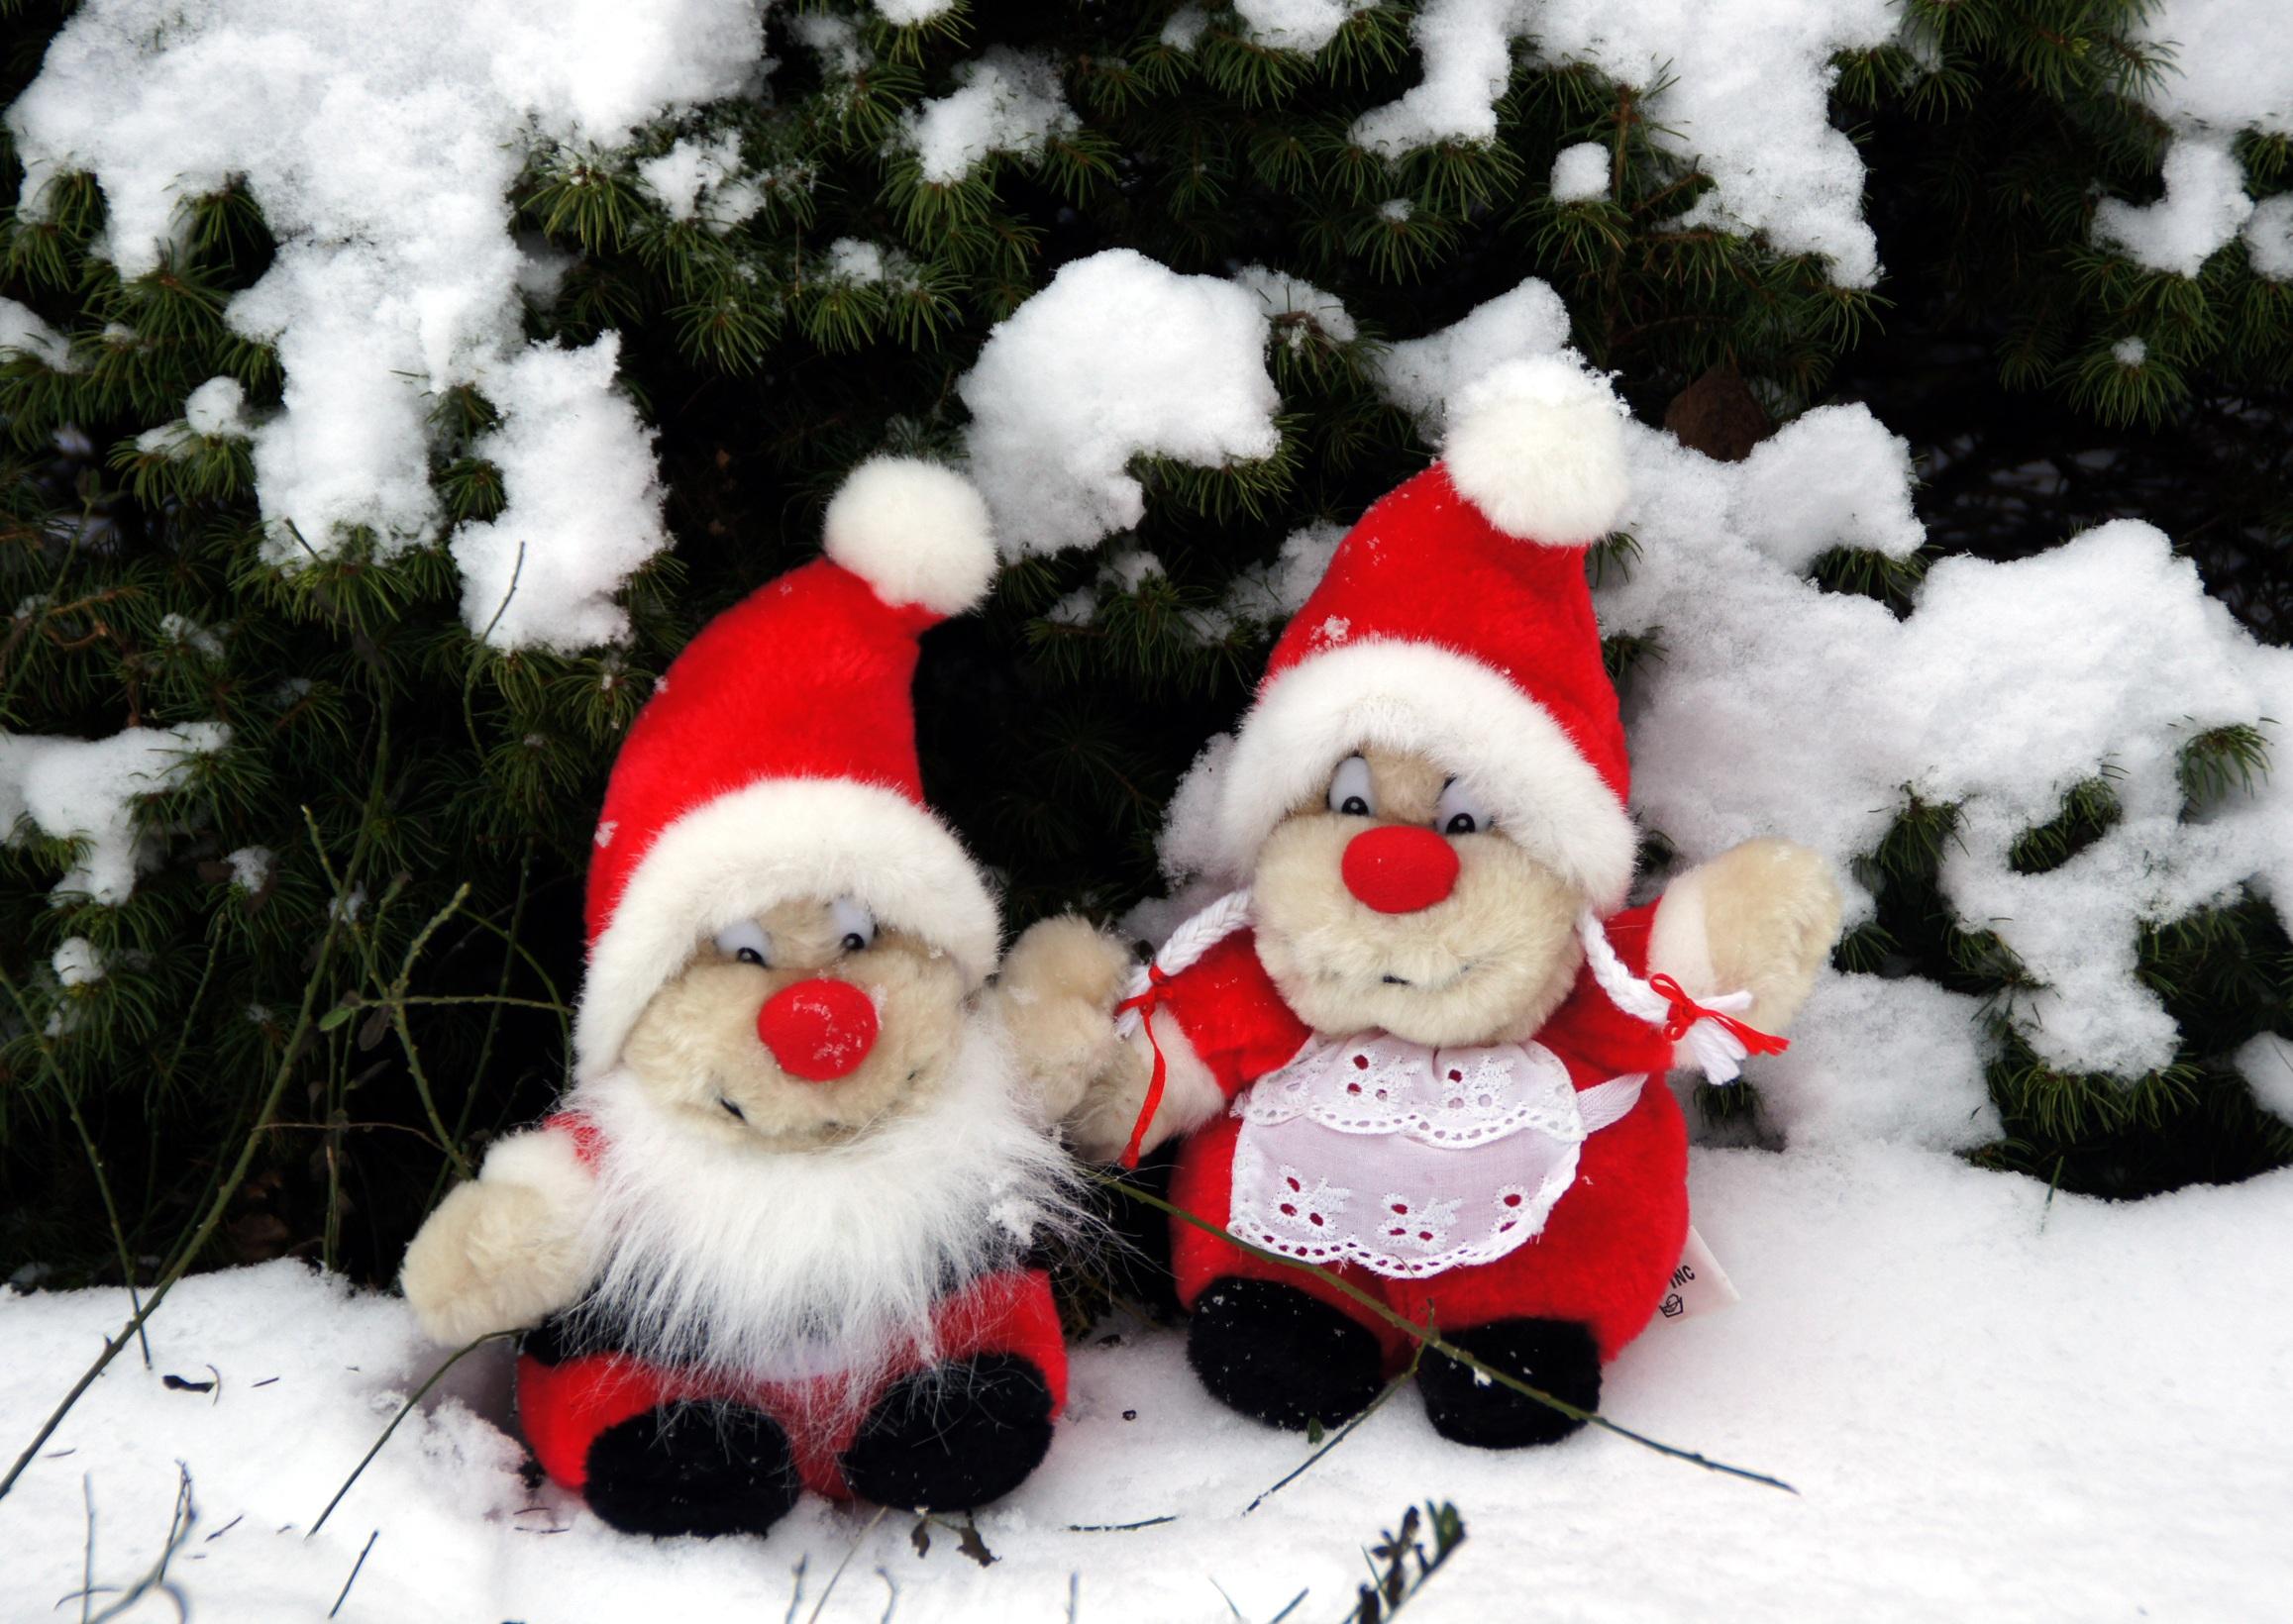 Gratis Afbeeldingen : sneeuw, winter, schattig, pijnboom, Kerstmis